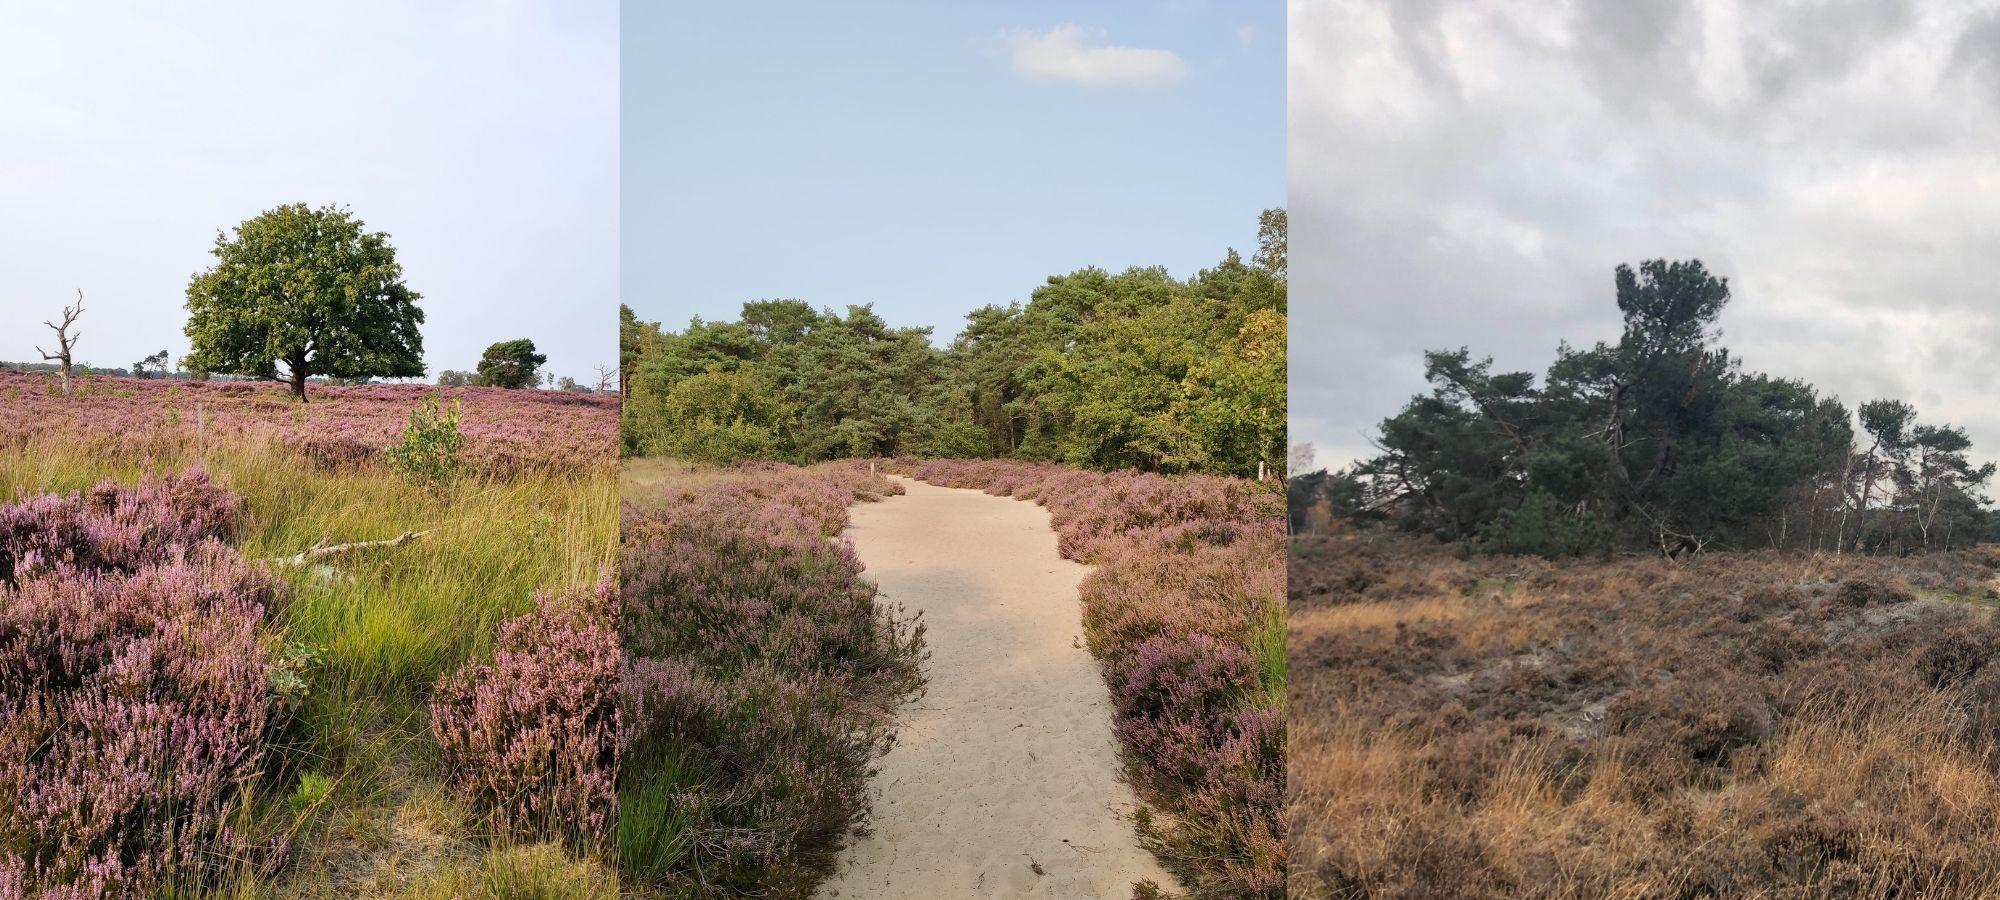 Heathlands and trees in Kalmthoutse Heide, Antwerp